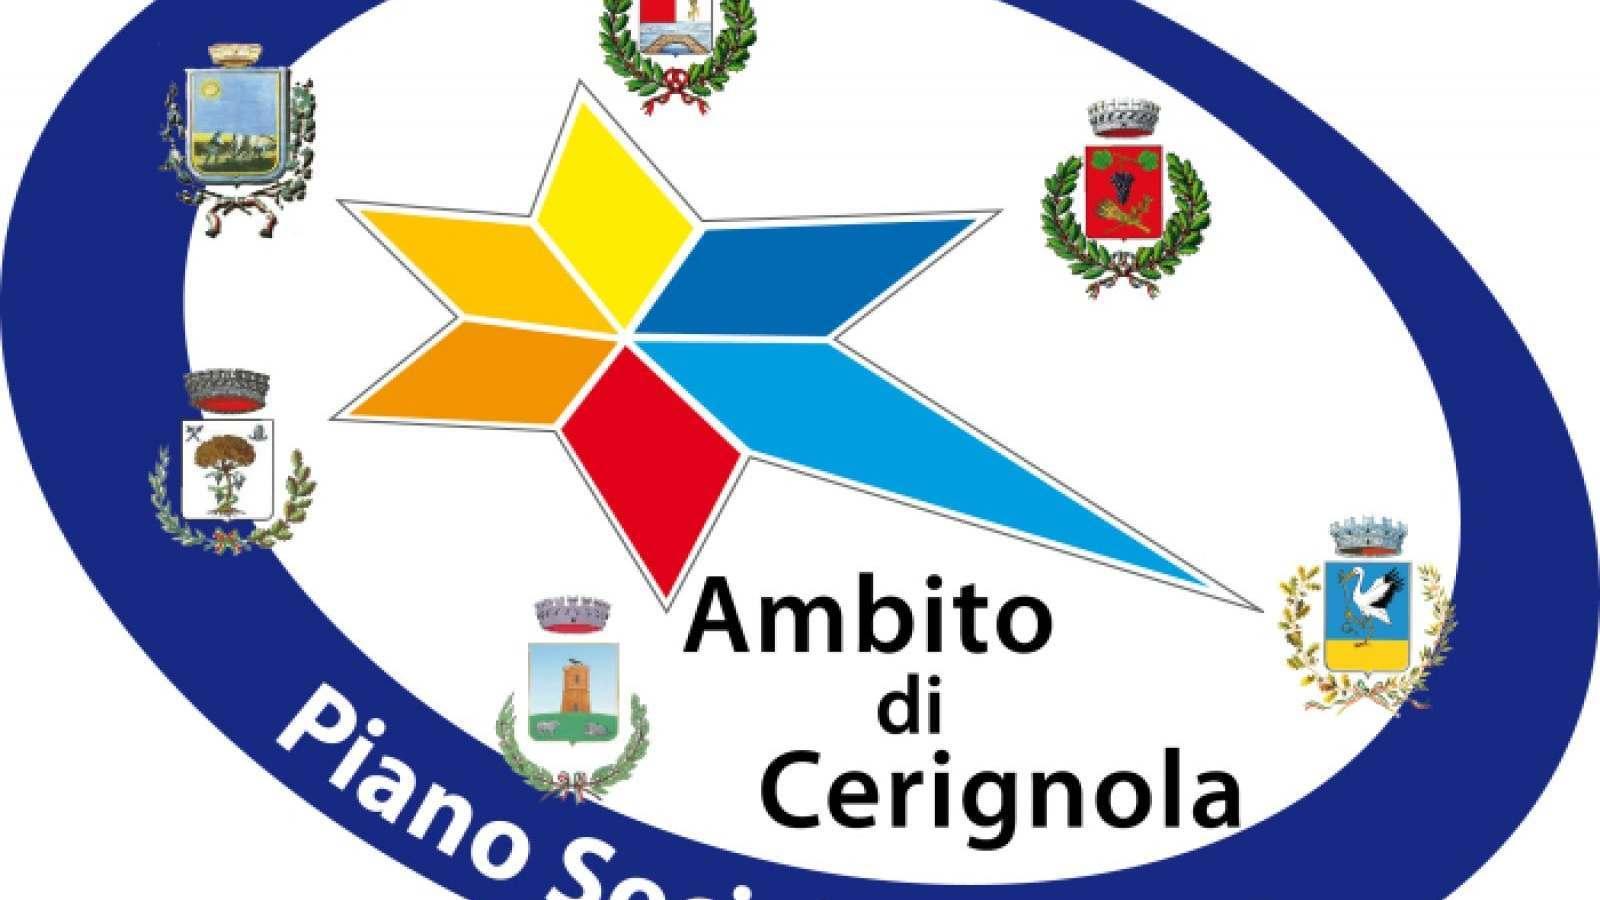 Ambito Territoriale di Cerignola18 assunzioni